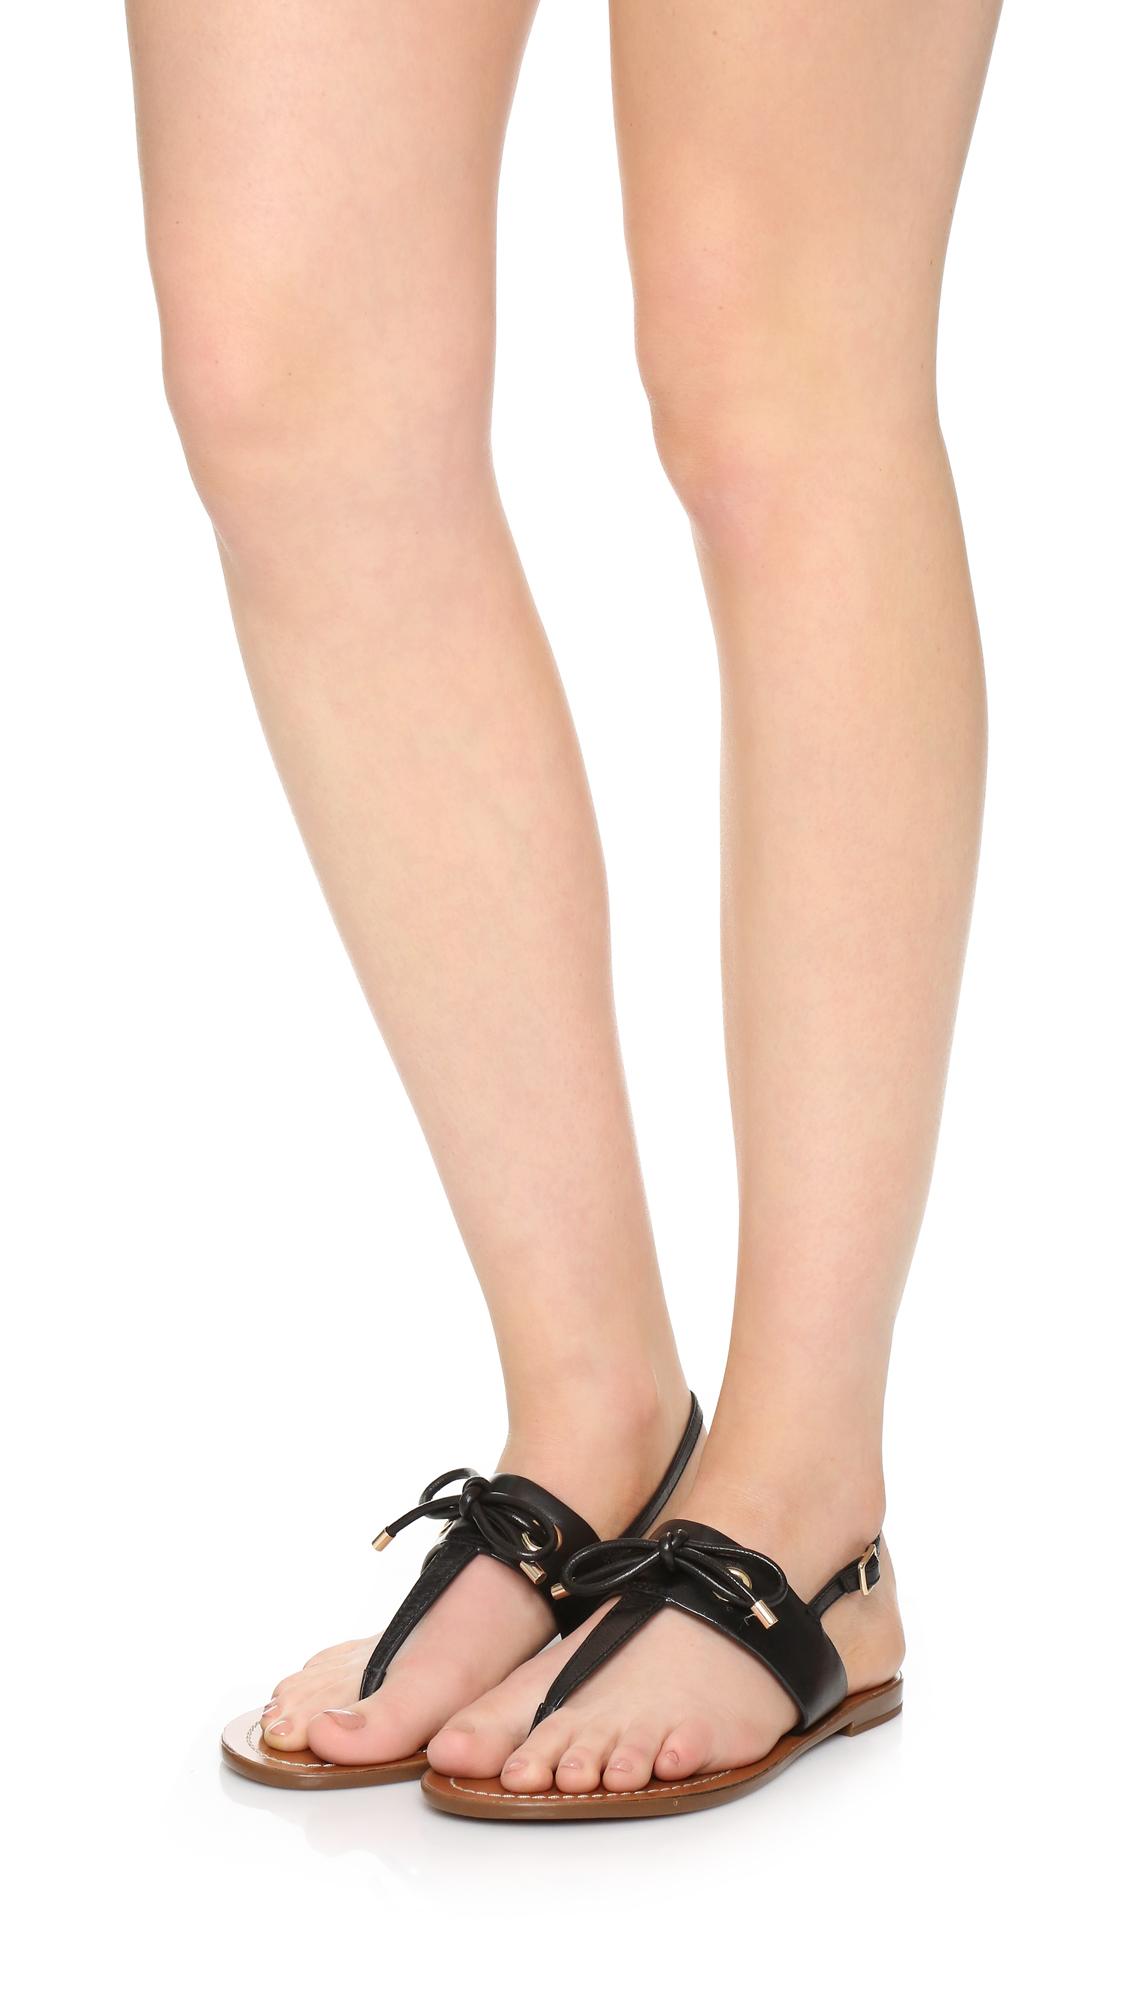 Kate spade new york Carolina Thong Sandals in Black